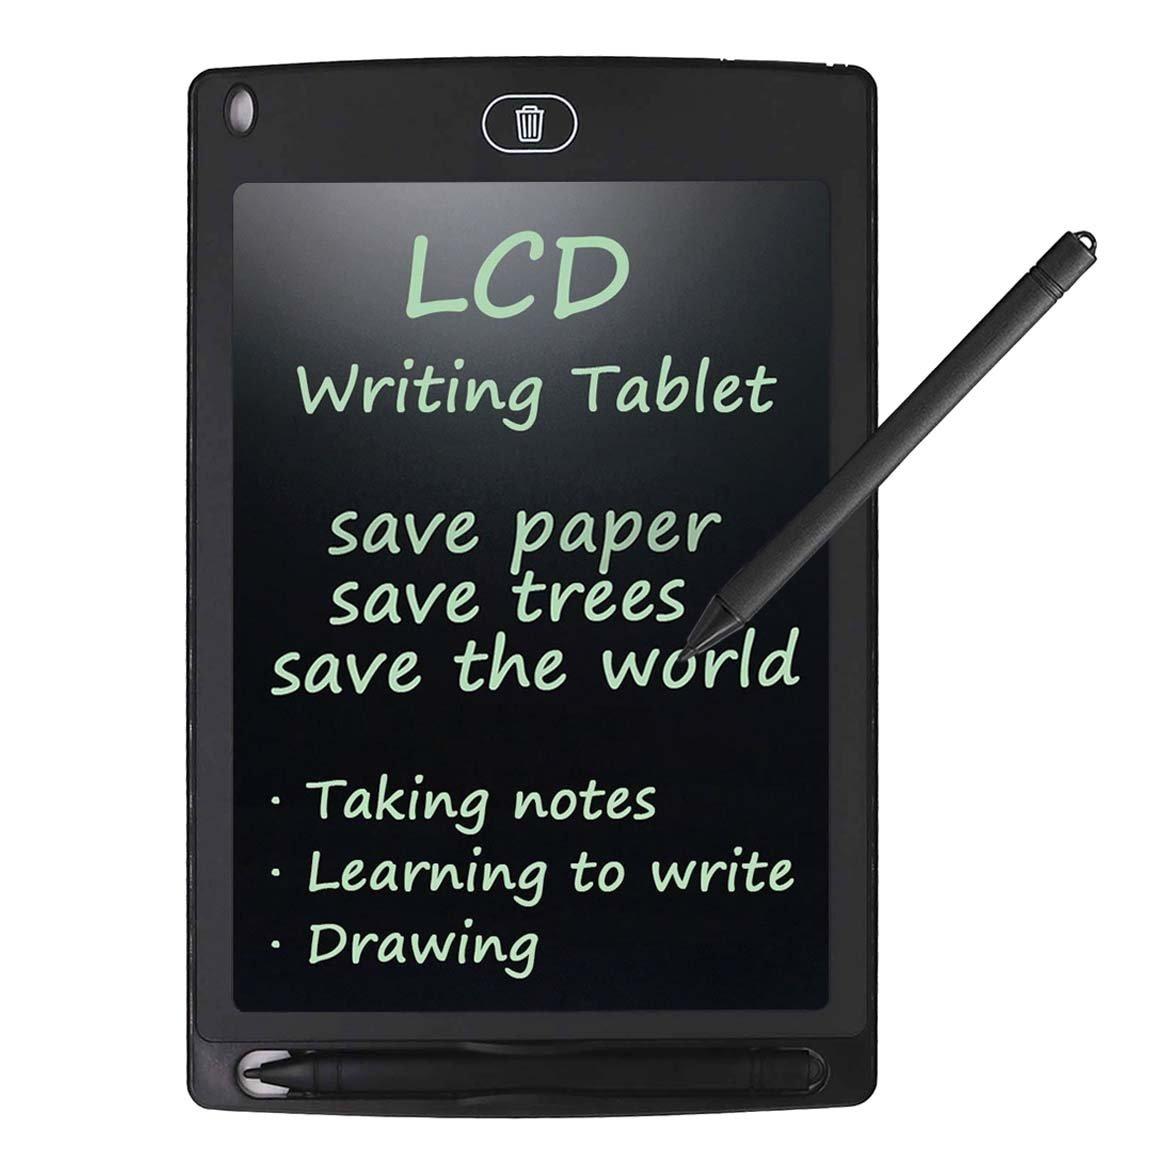 Photo of Writing Tablet LCD: il gadget perfetto per scrivere note, disegnare delle bozze o fare due conti risparmiando inutile carta